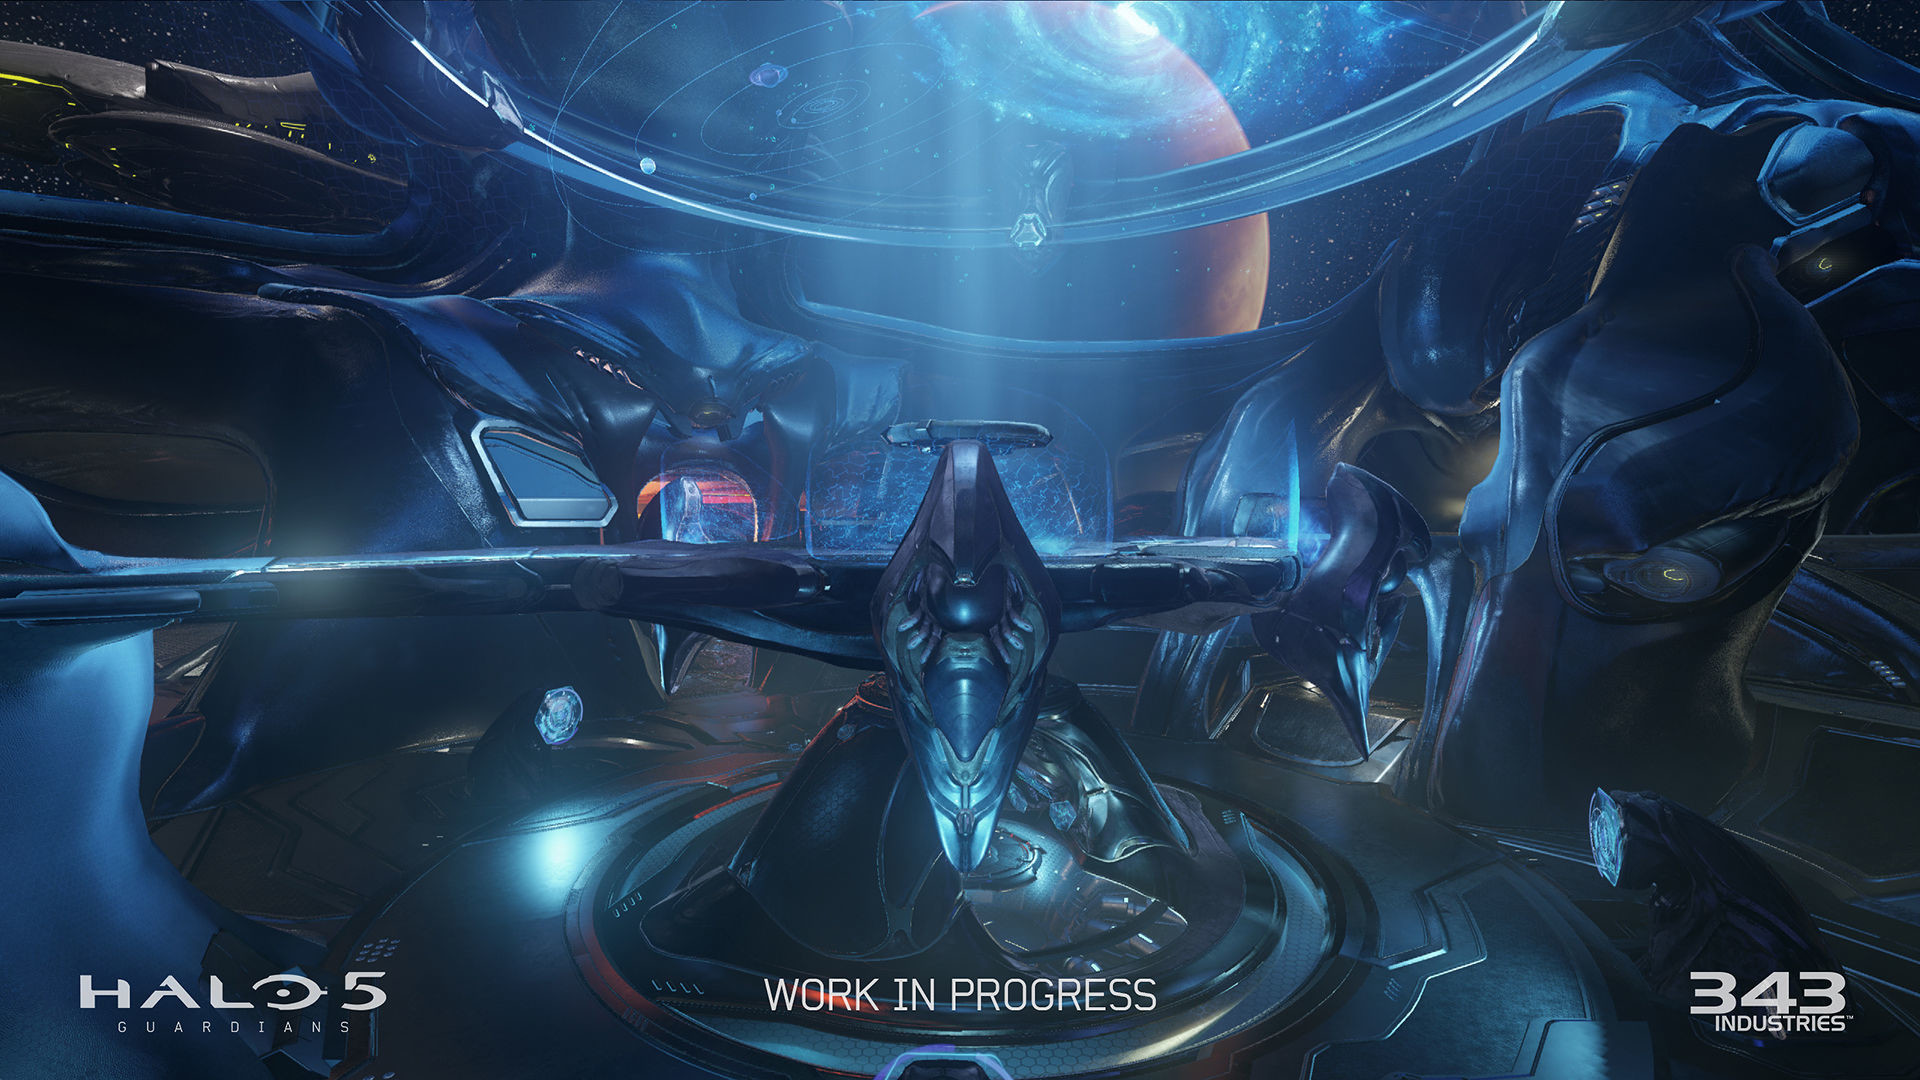 Halo 5 Cortana Wallpaper (81+ images)